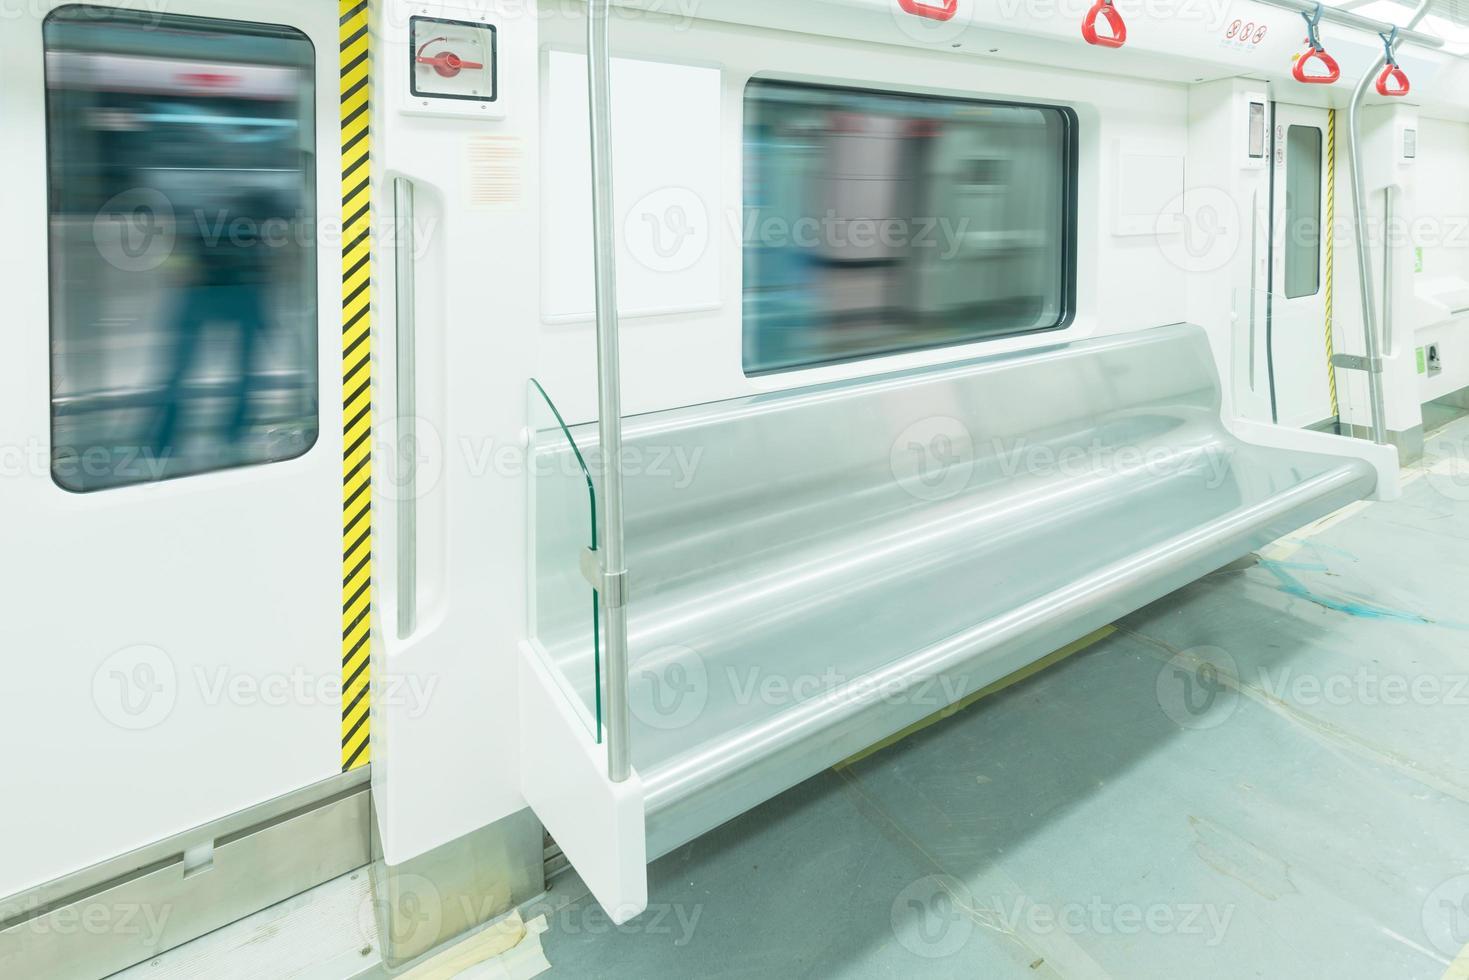 Interior view of a subway car photo